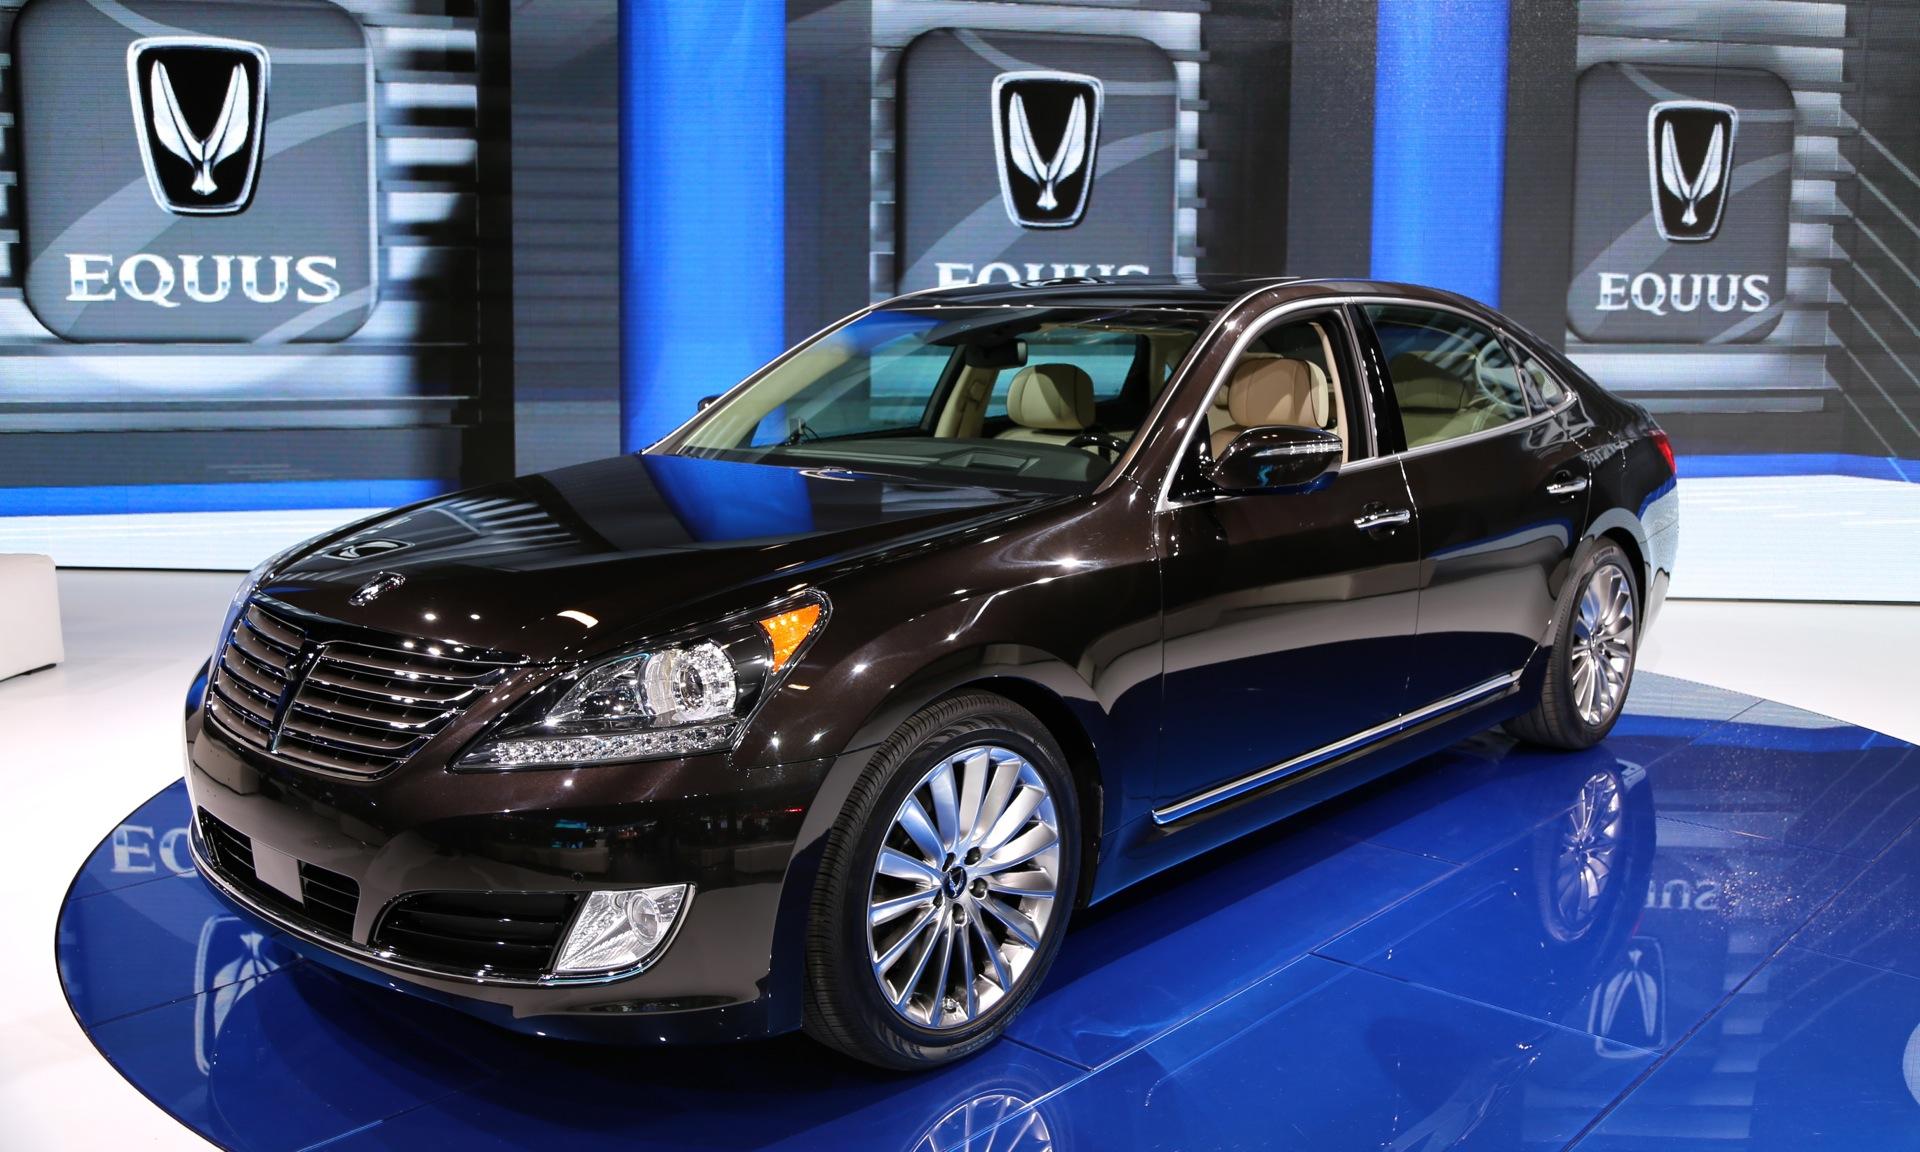 Equus Car For Sale >> 2014 Hyundai Equus: First U.S. Photos, Live From The NY Auto Show